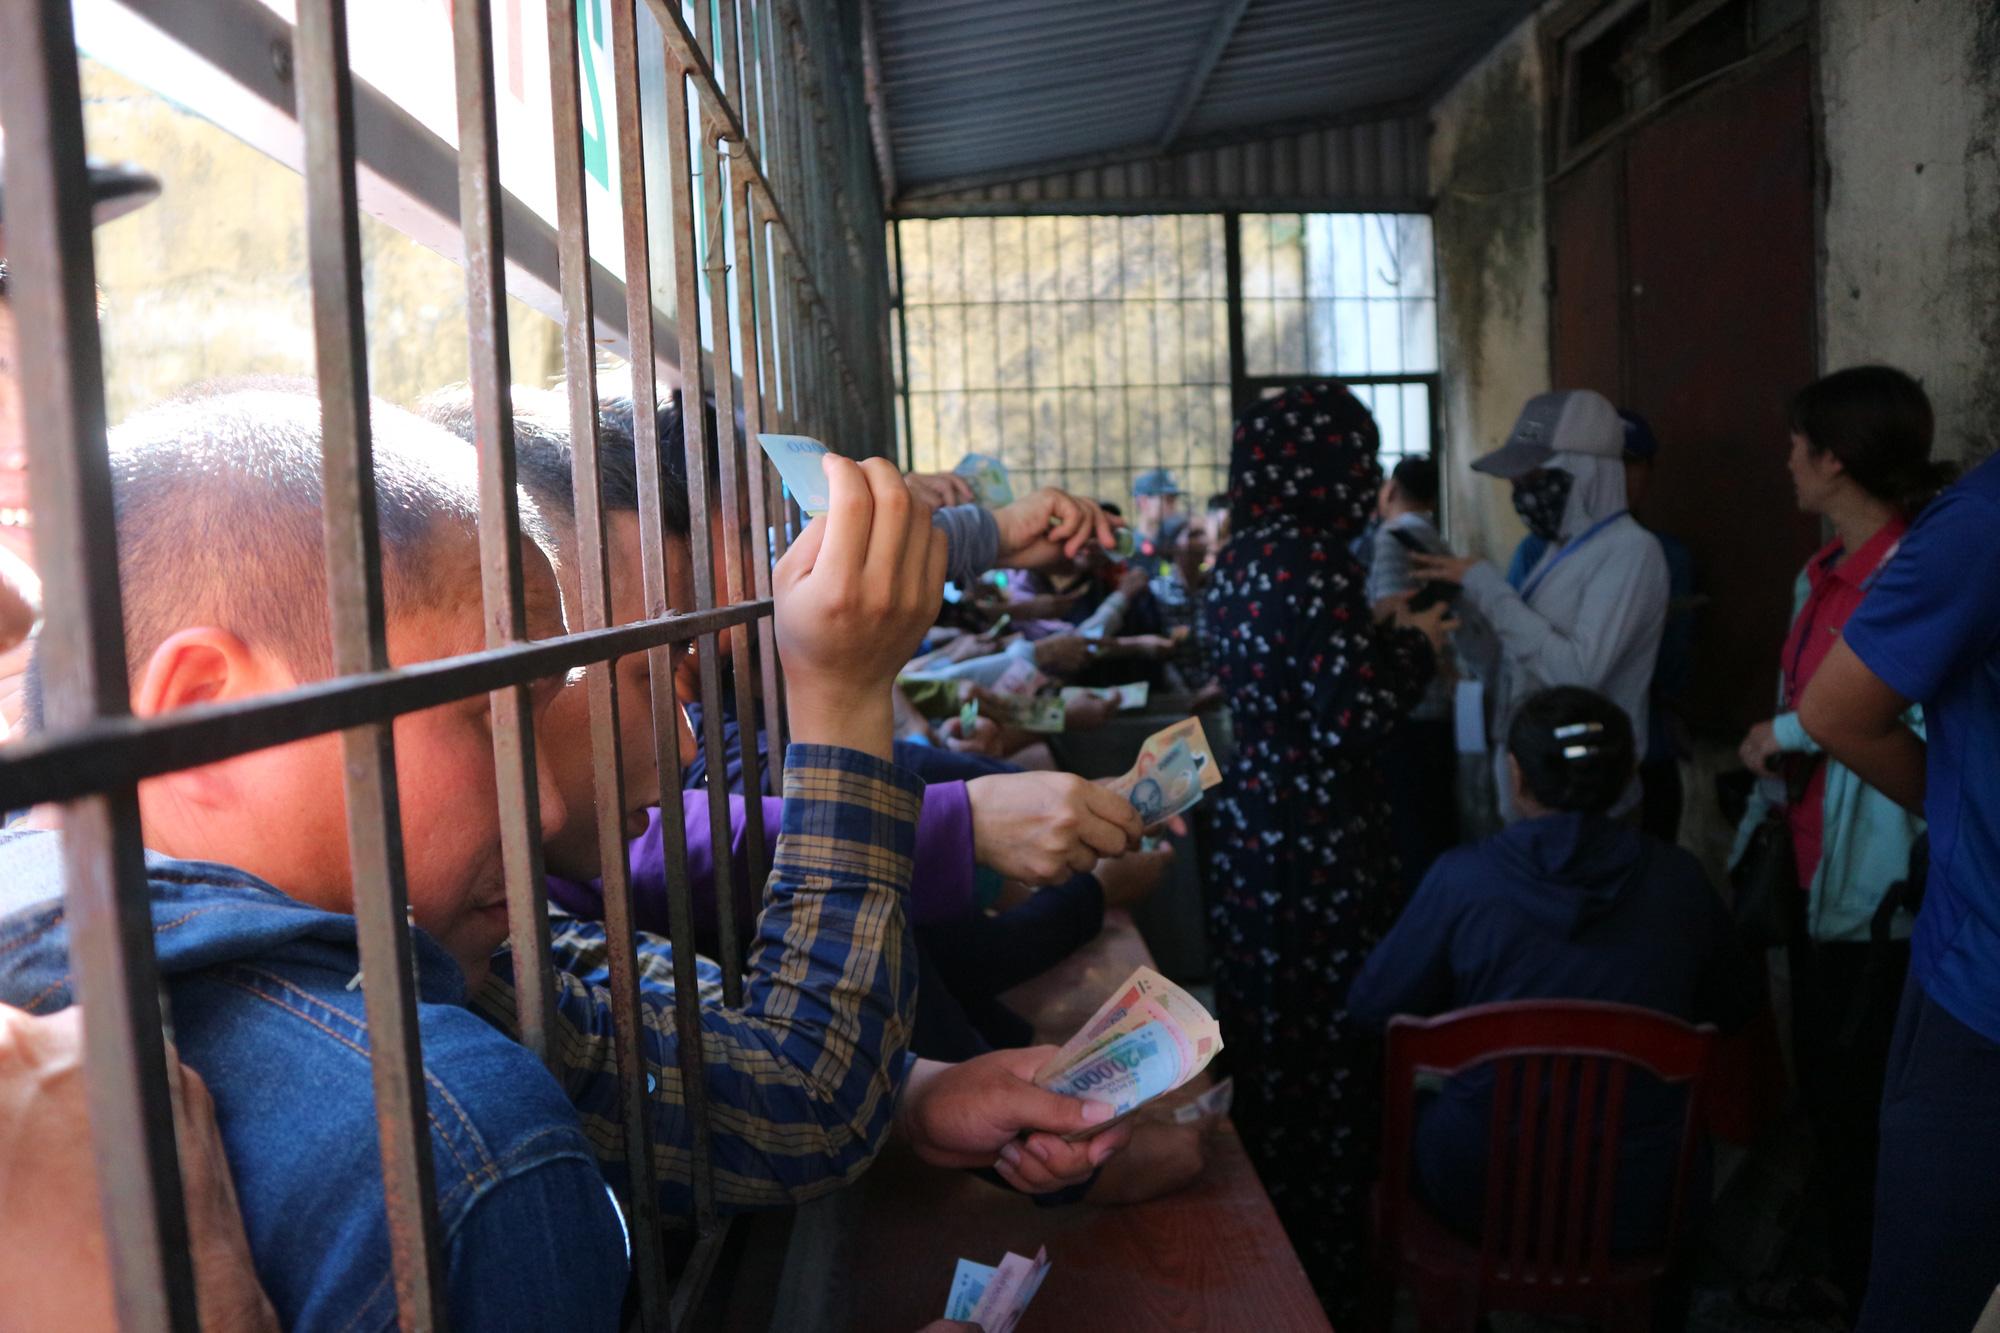 Hàng ngàn cổ động viên xứ Nghệ chen chân mua vé vào sân Vinh - Ảnh 3.